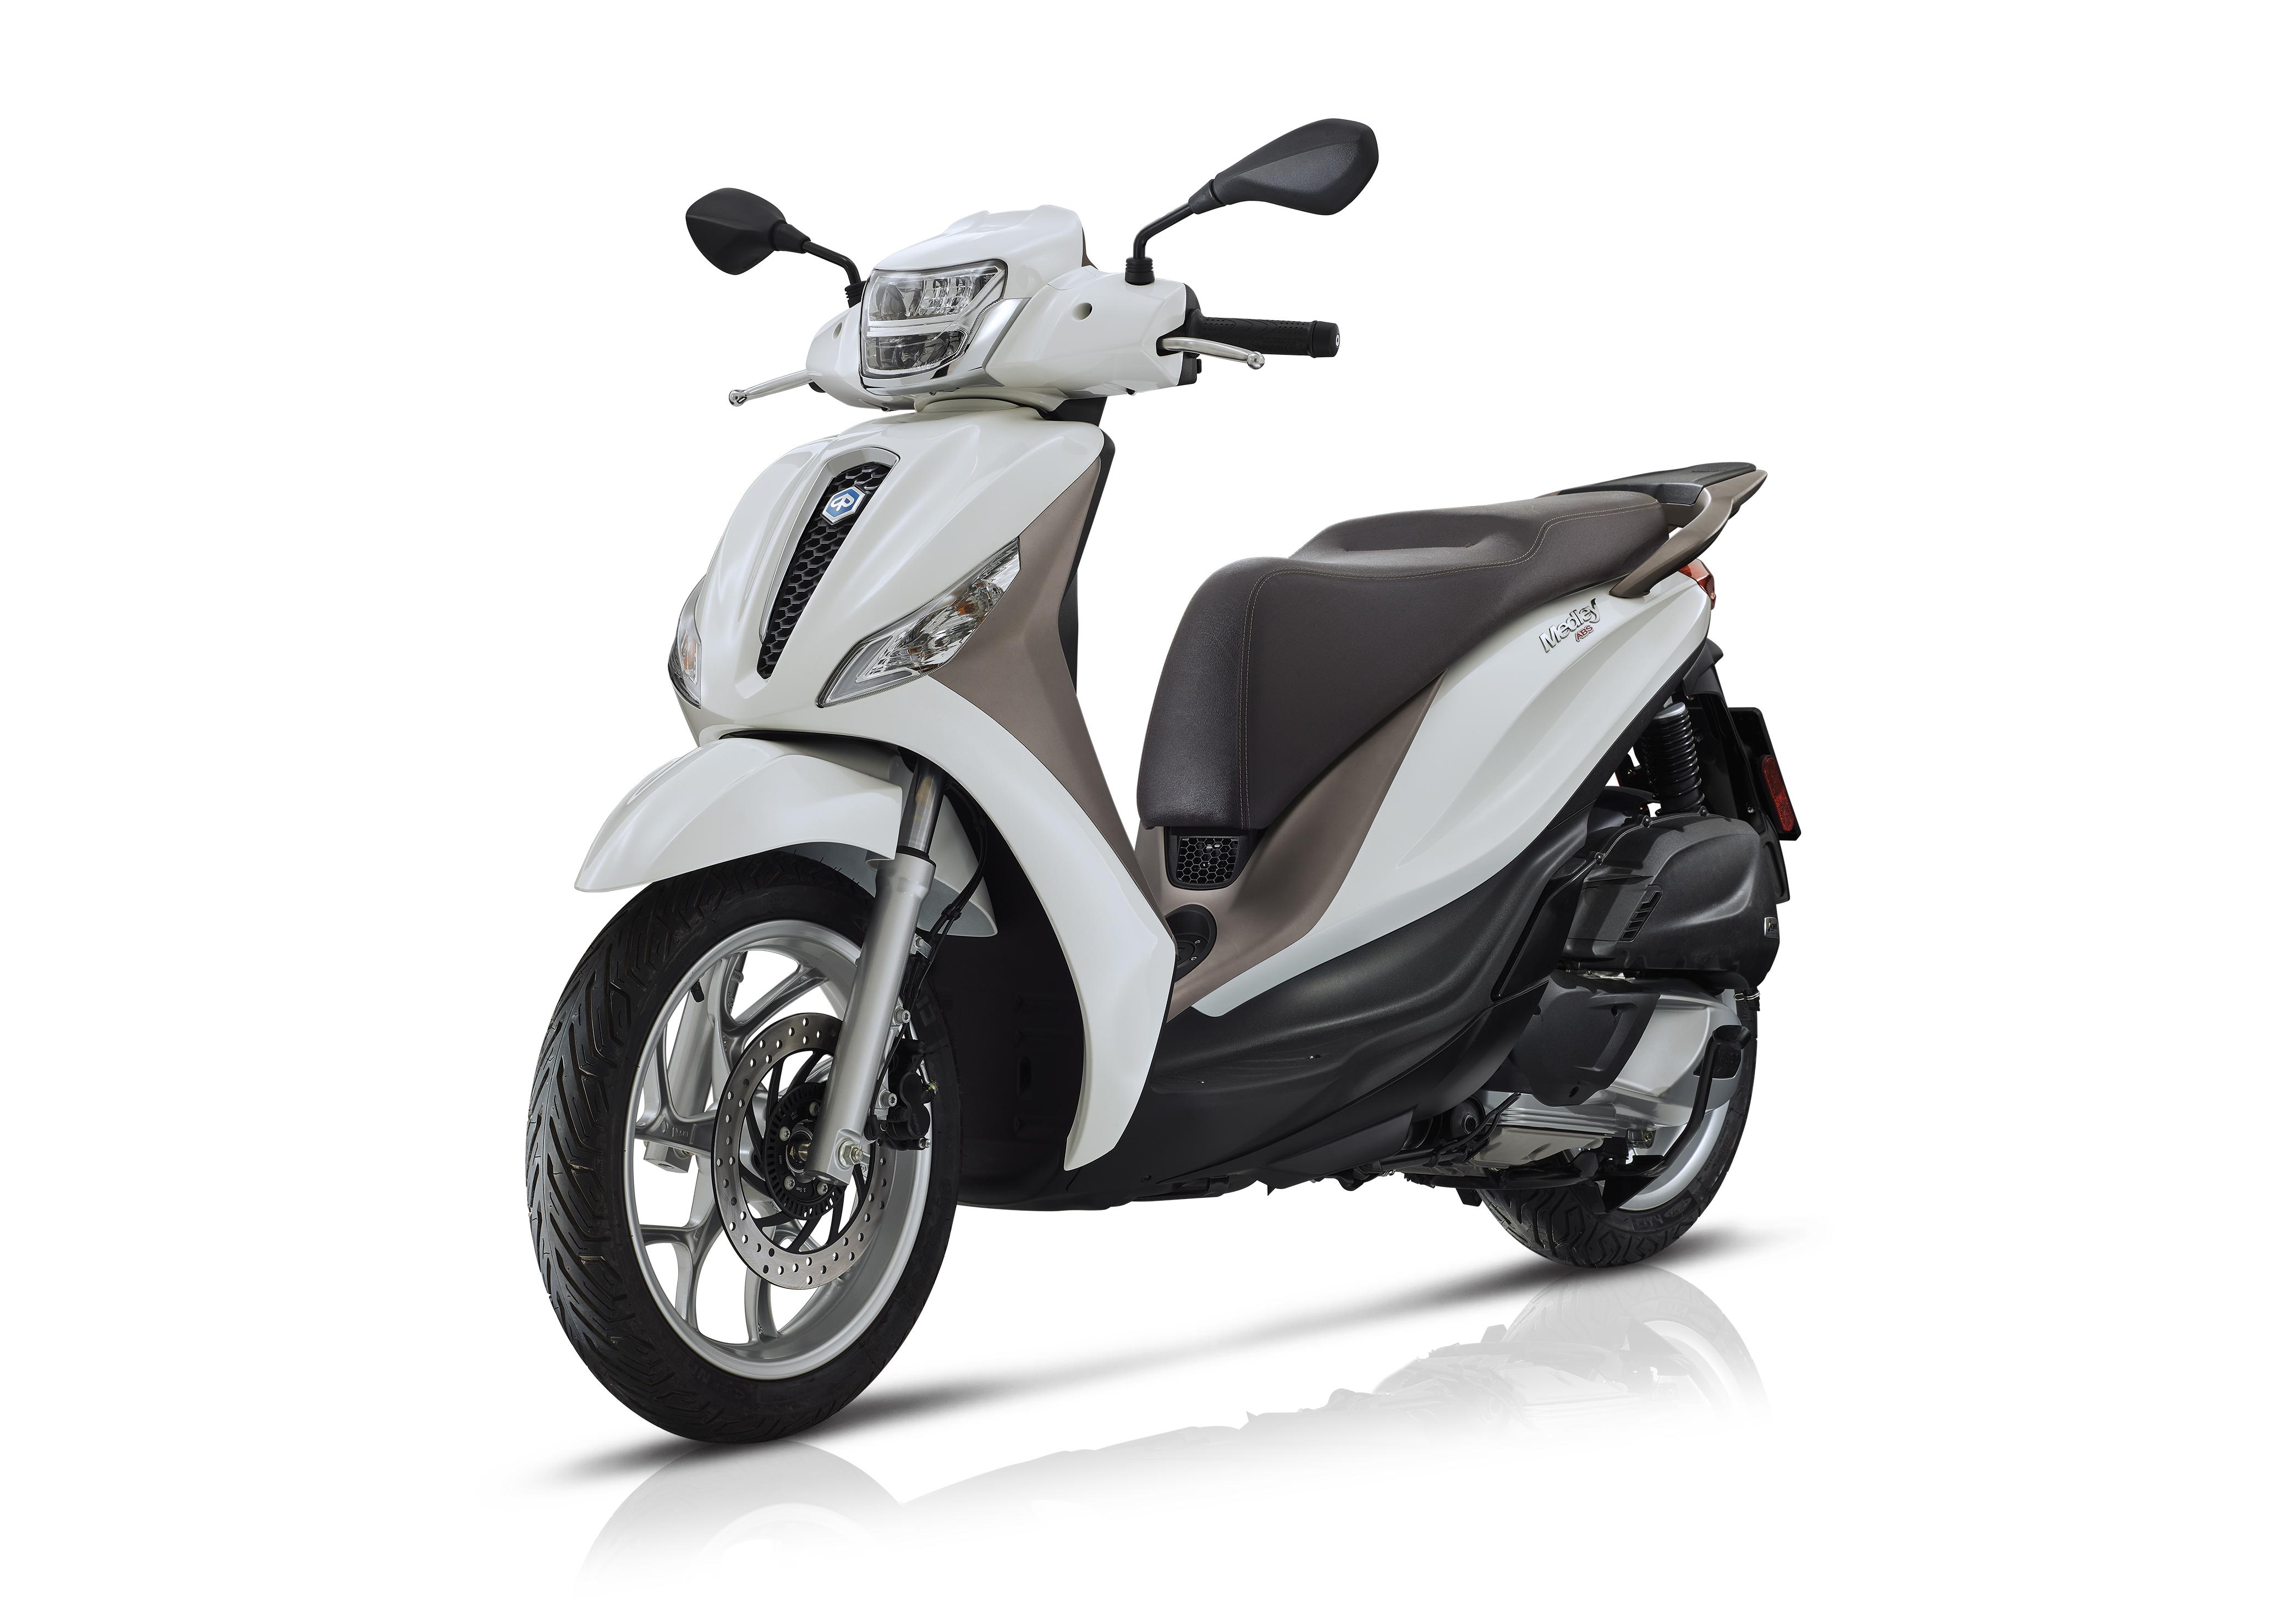 Piaggio Piaggio Medley 125  Modell 2021 EU5 LED,ABS